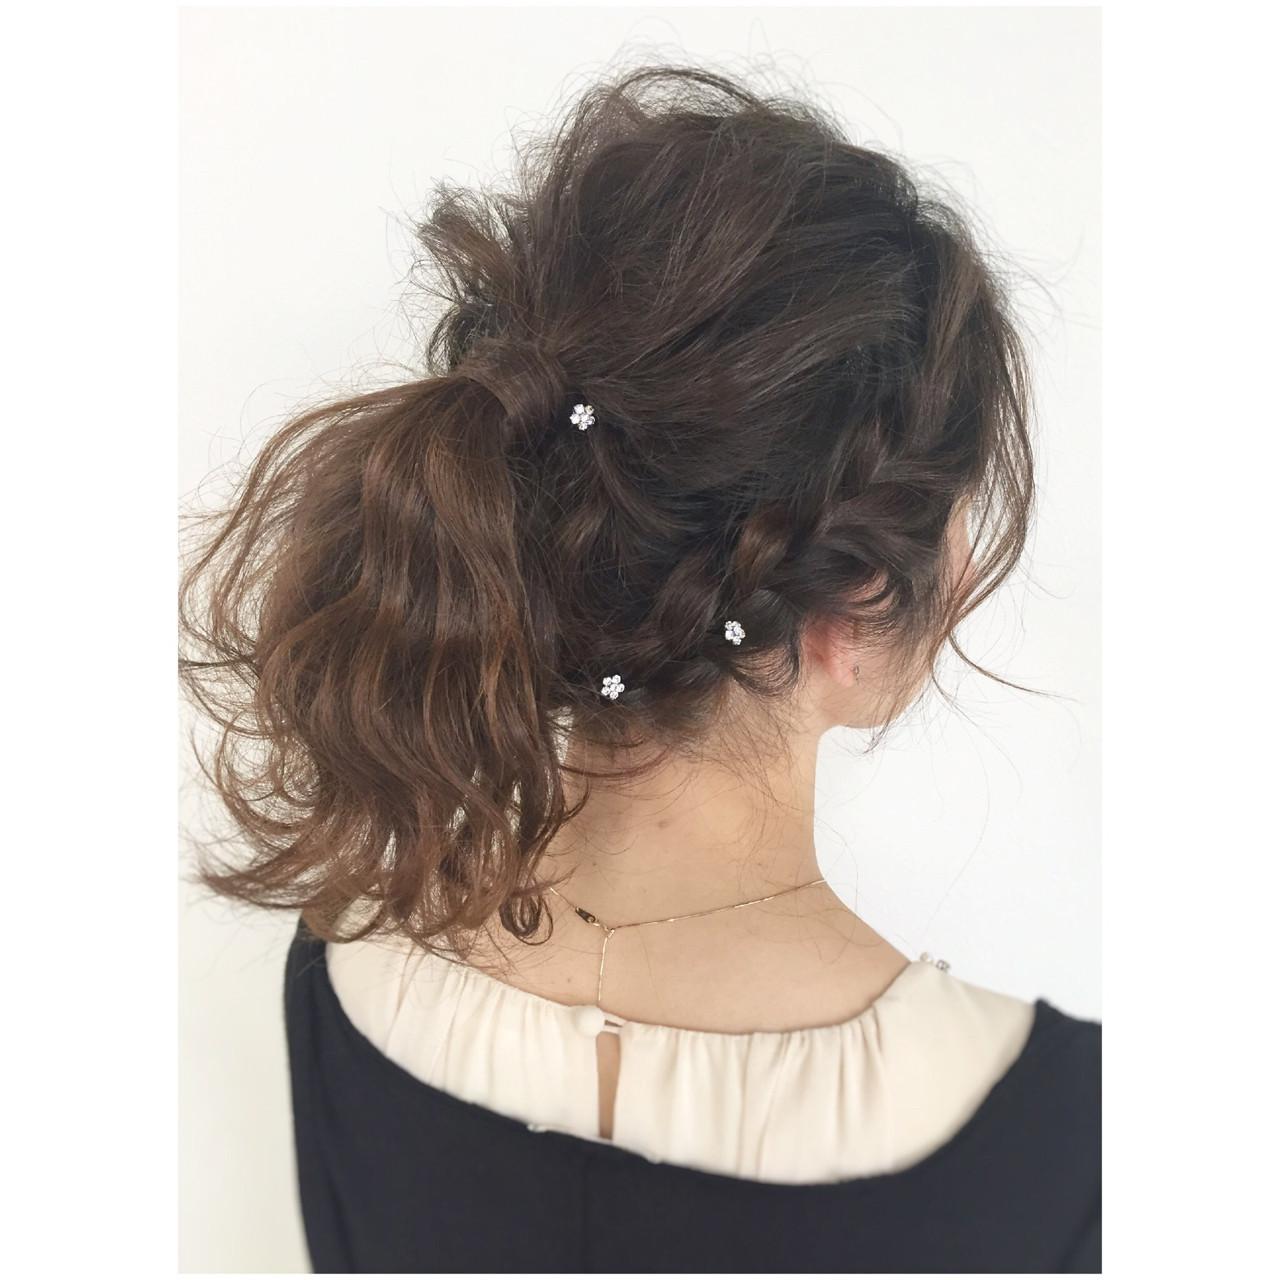 ポニーテール 夏 ヘアアレンジ 編み込み ヘアスタイルや髪型の写真・画像